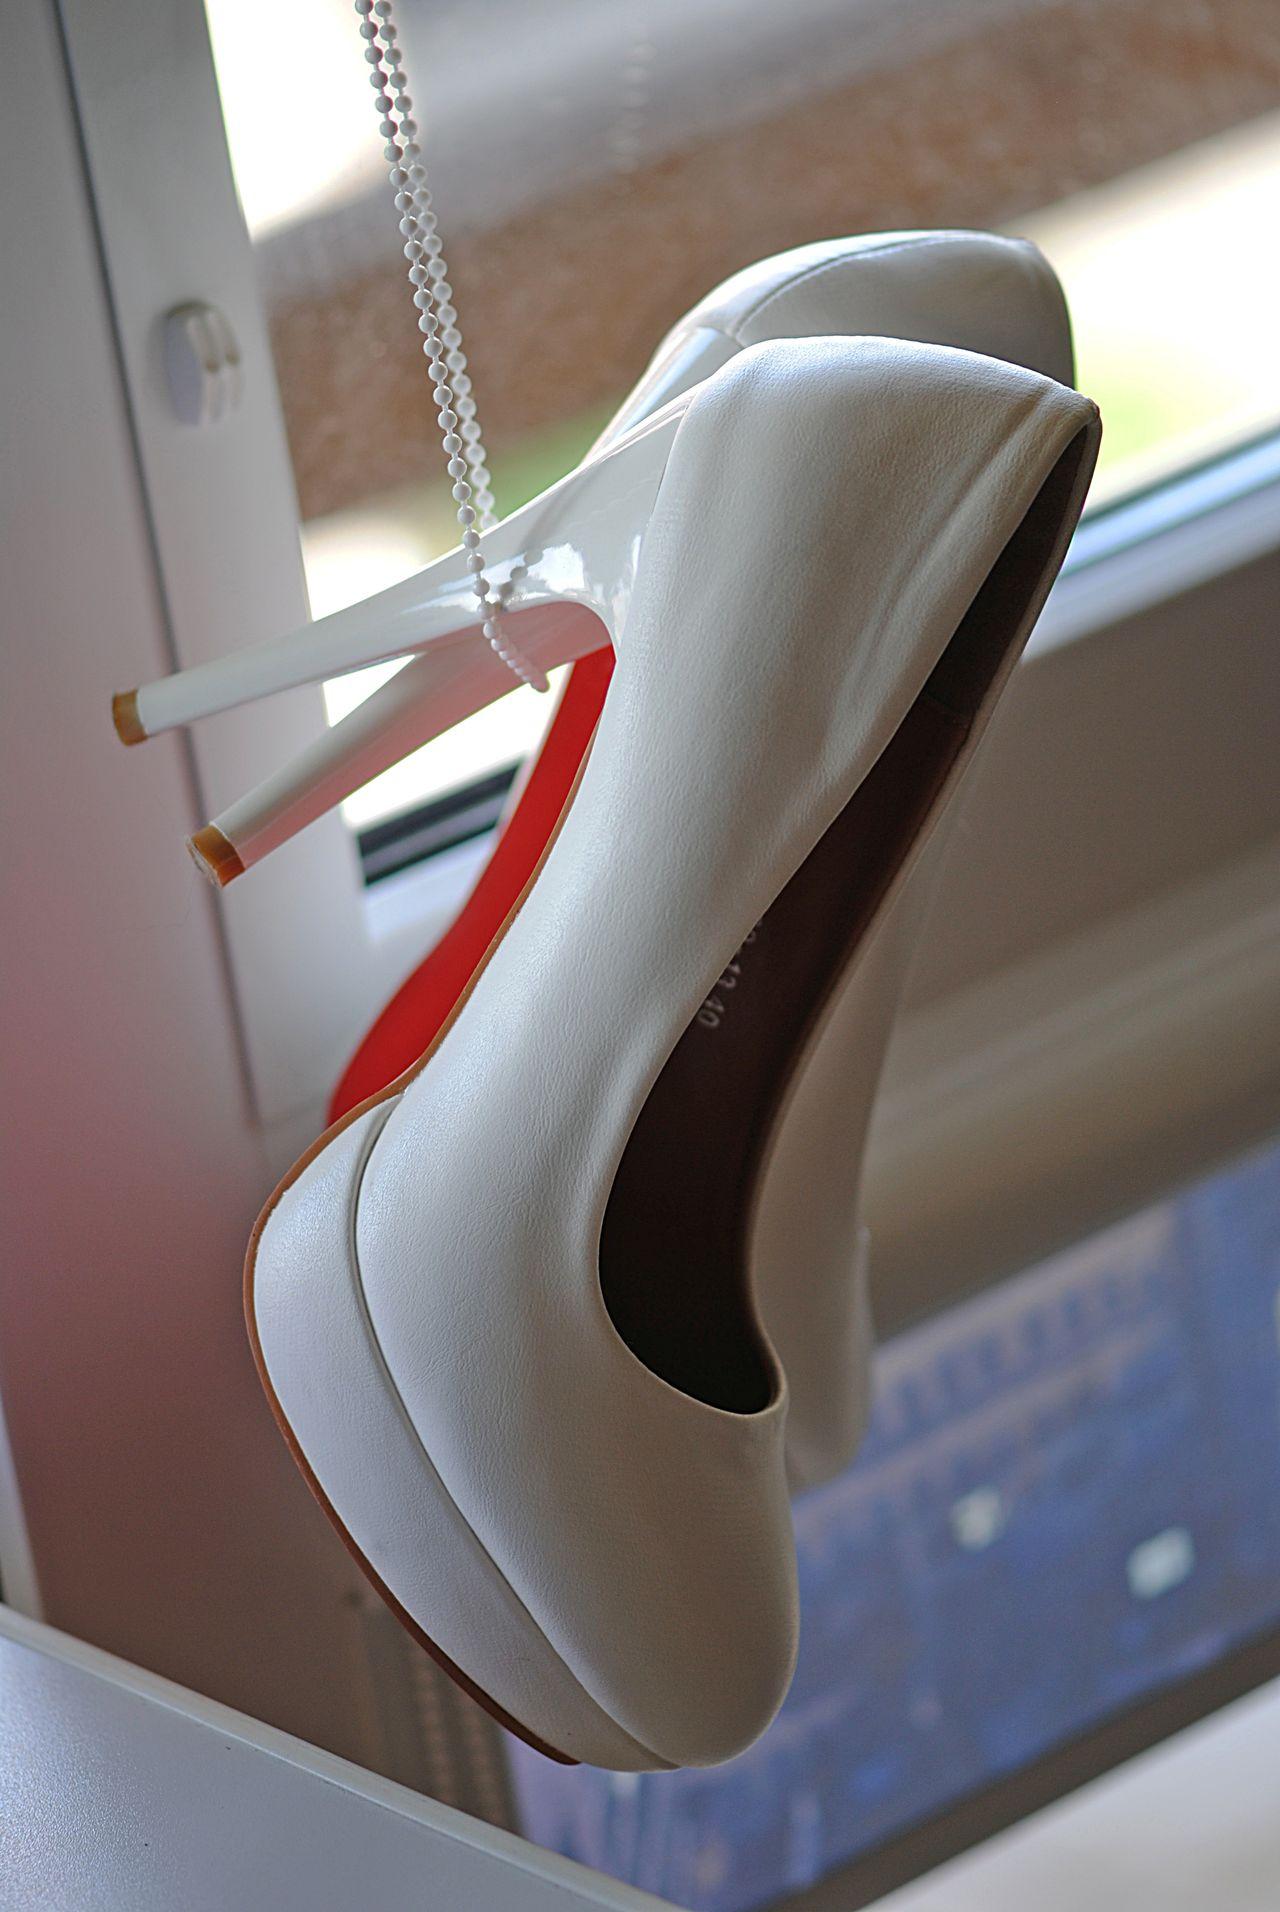 Bride Shoes Celebration Details Fashion&love&beauty Wedding Background Wedding Fashion White Shoes Window